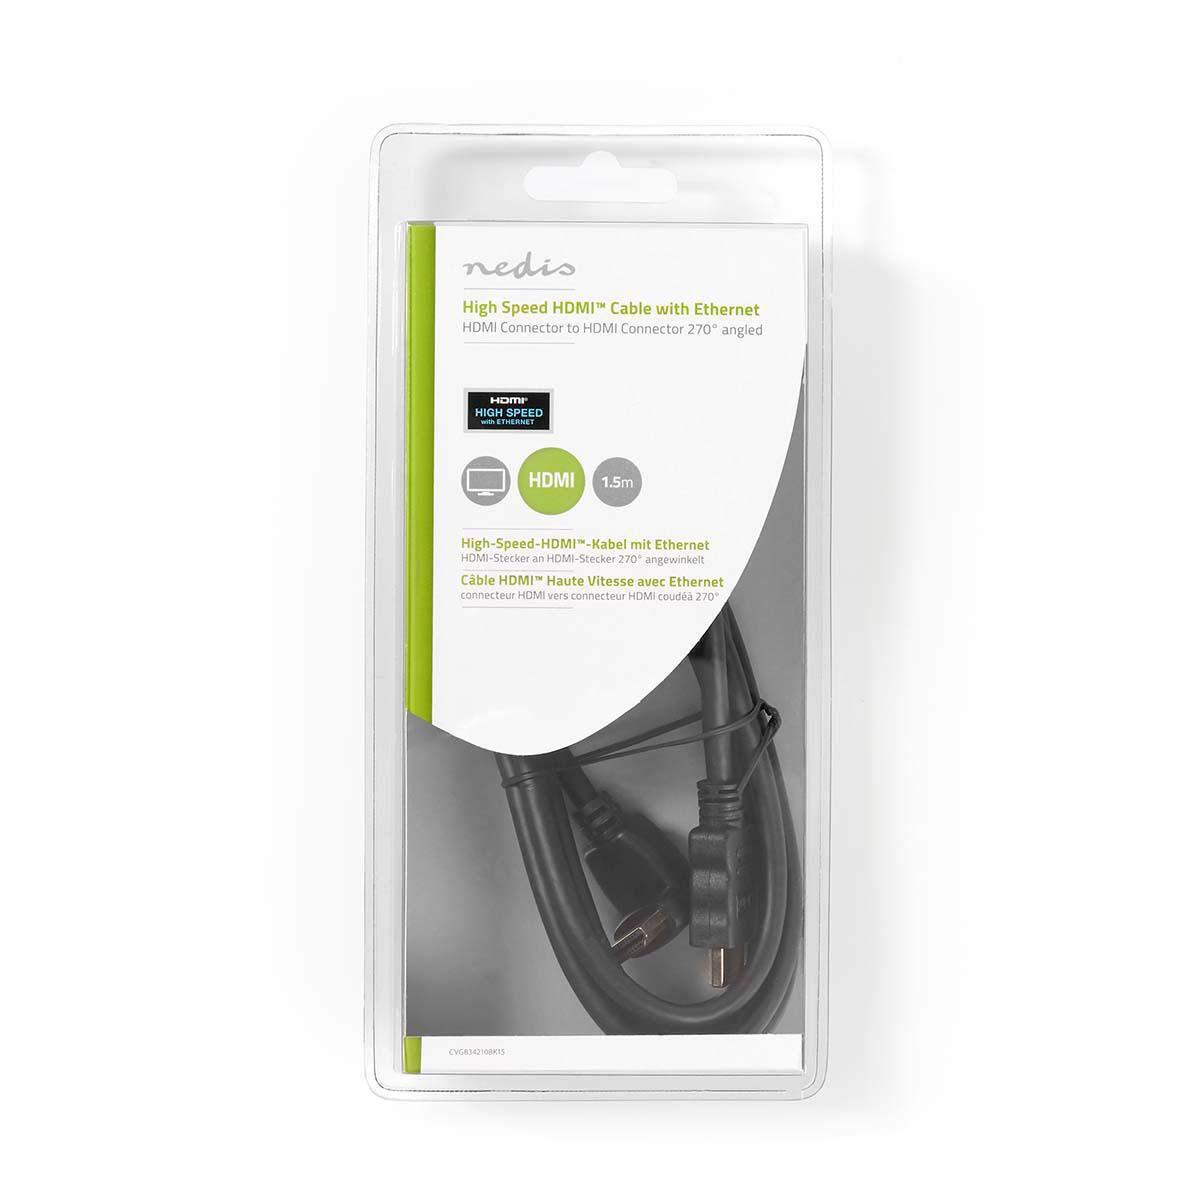 Connecteur HDMI Noir Nedis CVGB34210BK15 C/âble HDMI/™ Haute Vitesse avec Ethernet 1,5 m Connecteur HDMI Coud/é /à 270/°